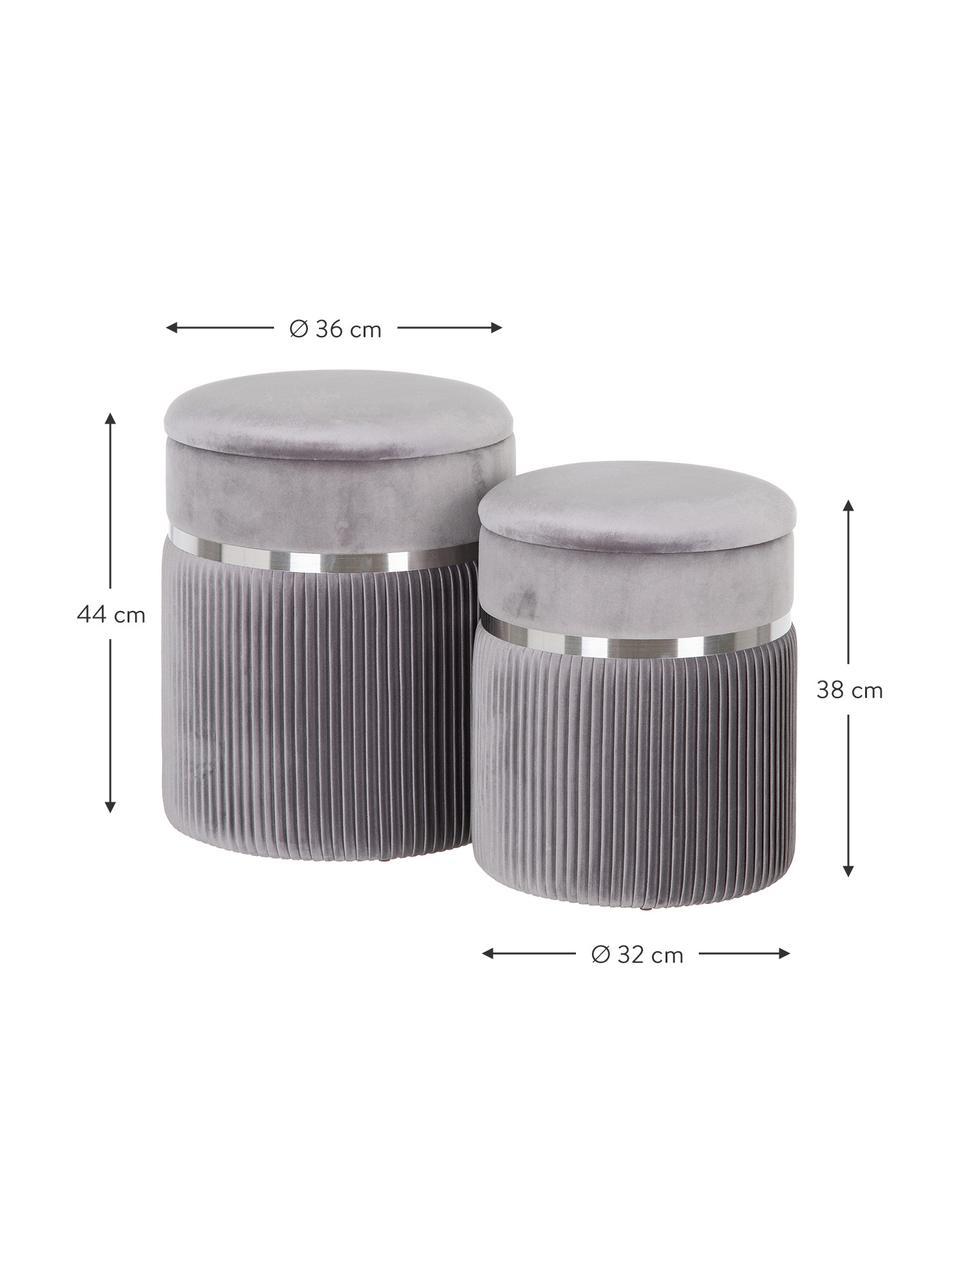 Samt-Hocker-Set Chest mit Stauraum, 2-tlg., Bezug: Polyester (Samt), Grau, Silberfarben, Sondergrößen